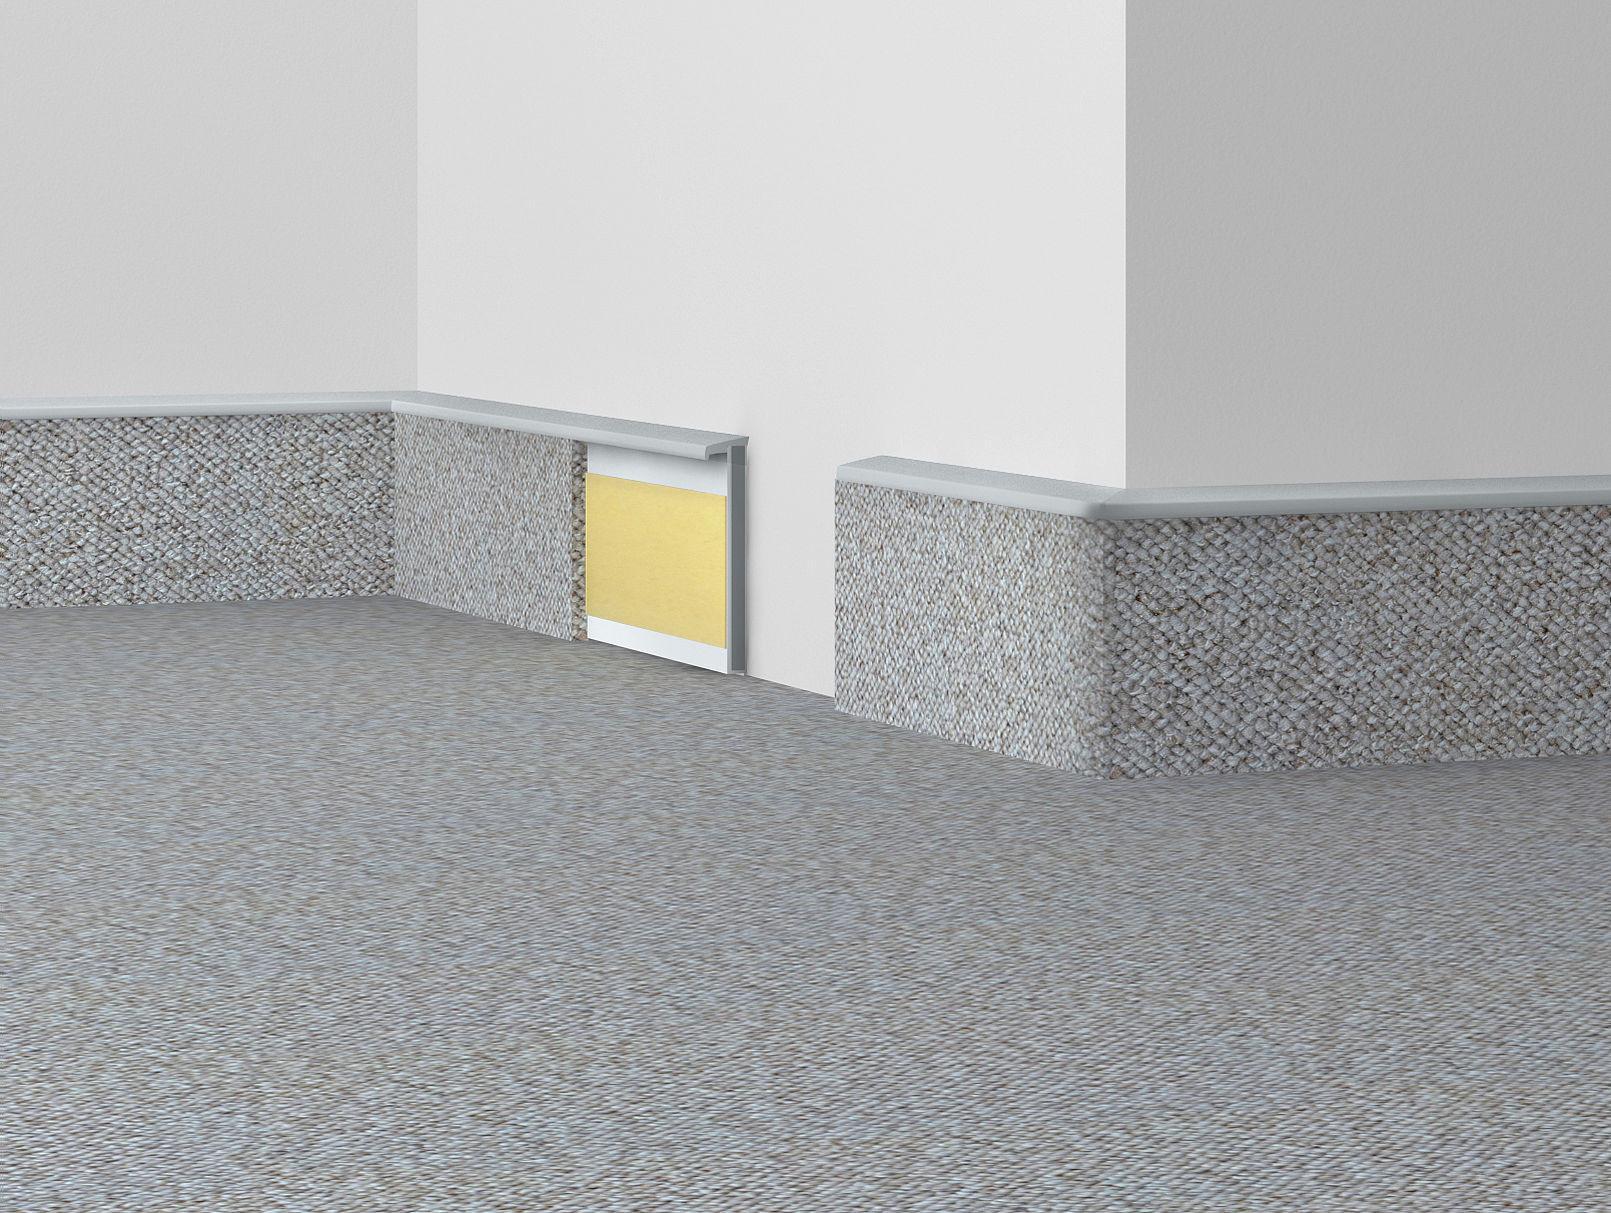 Döllken Kobercová (soklová) lišta TL55 138 světle šedá 250 cm - Lišta 10x55x2500 mm